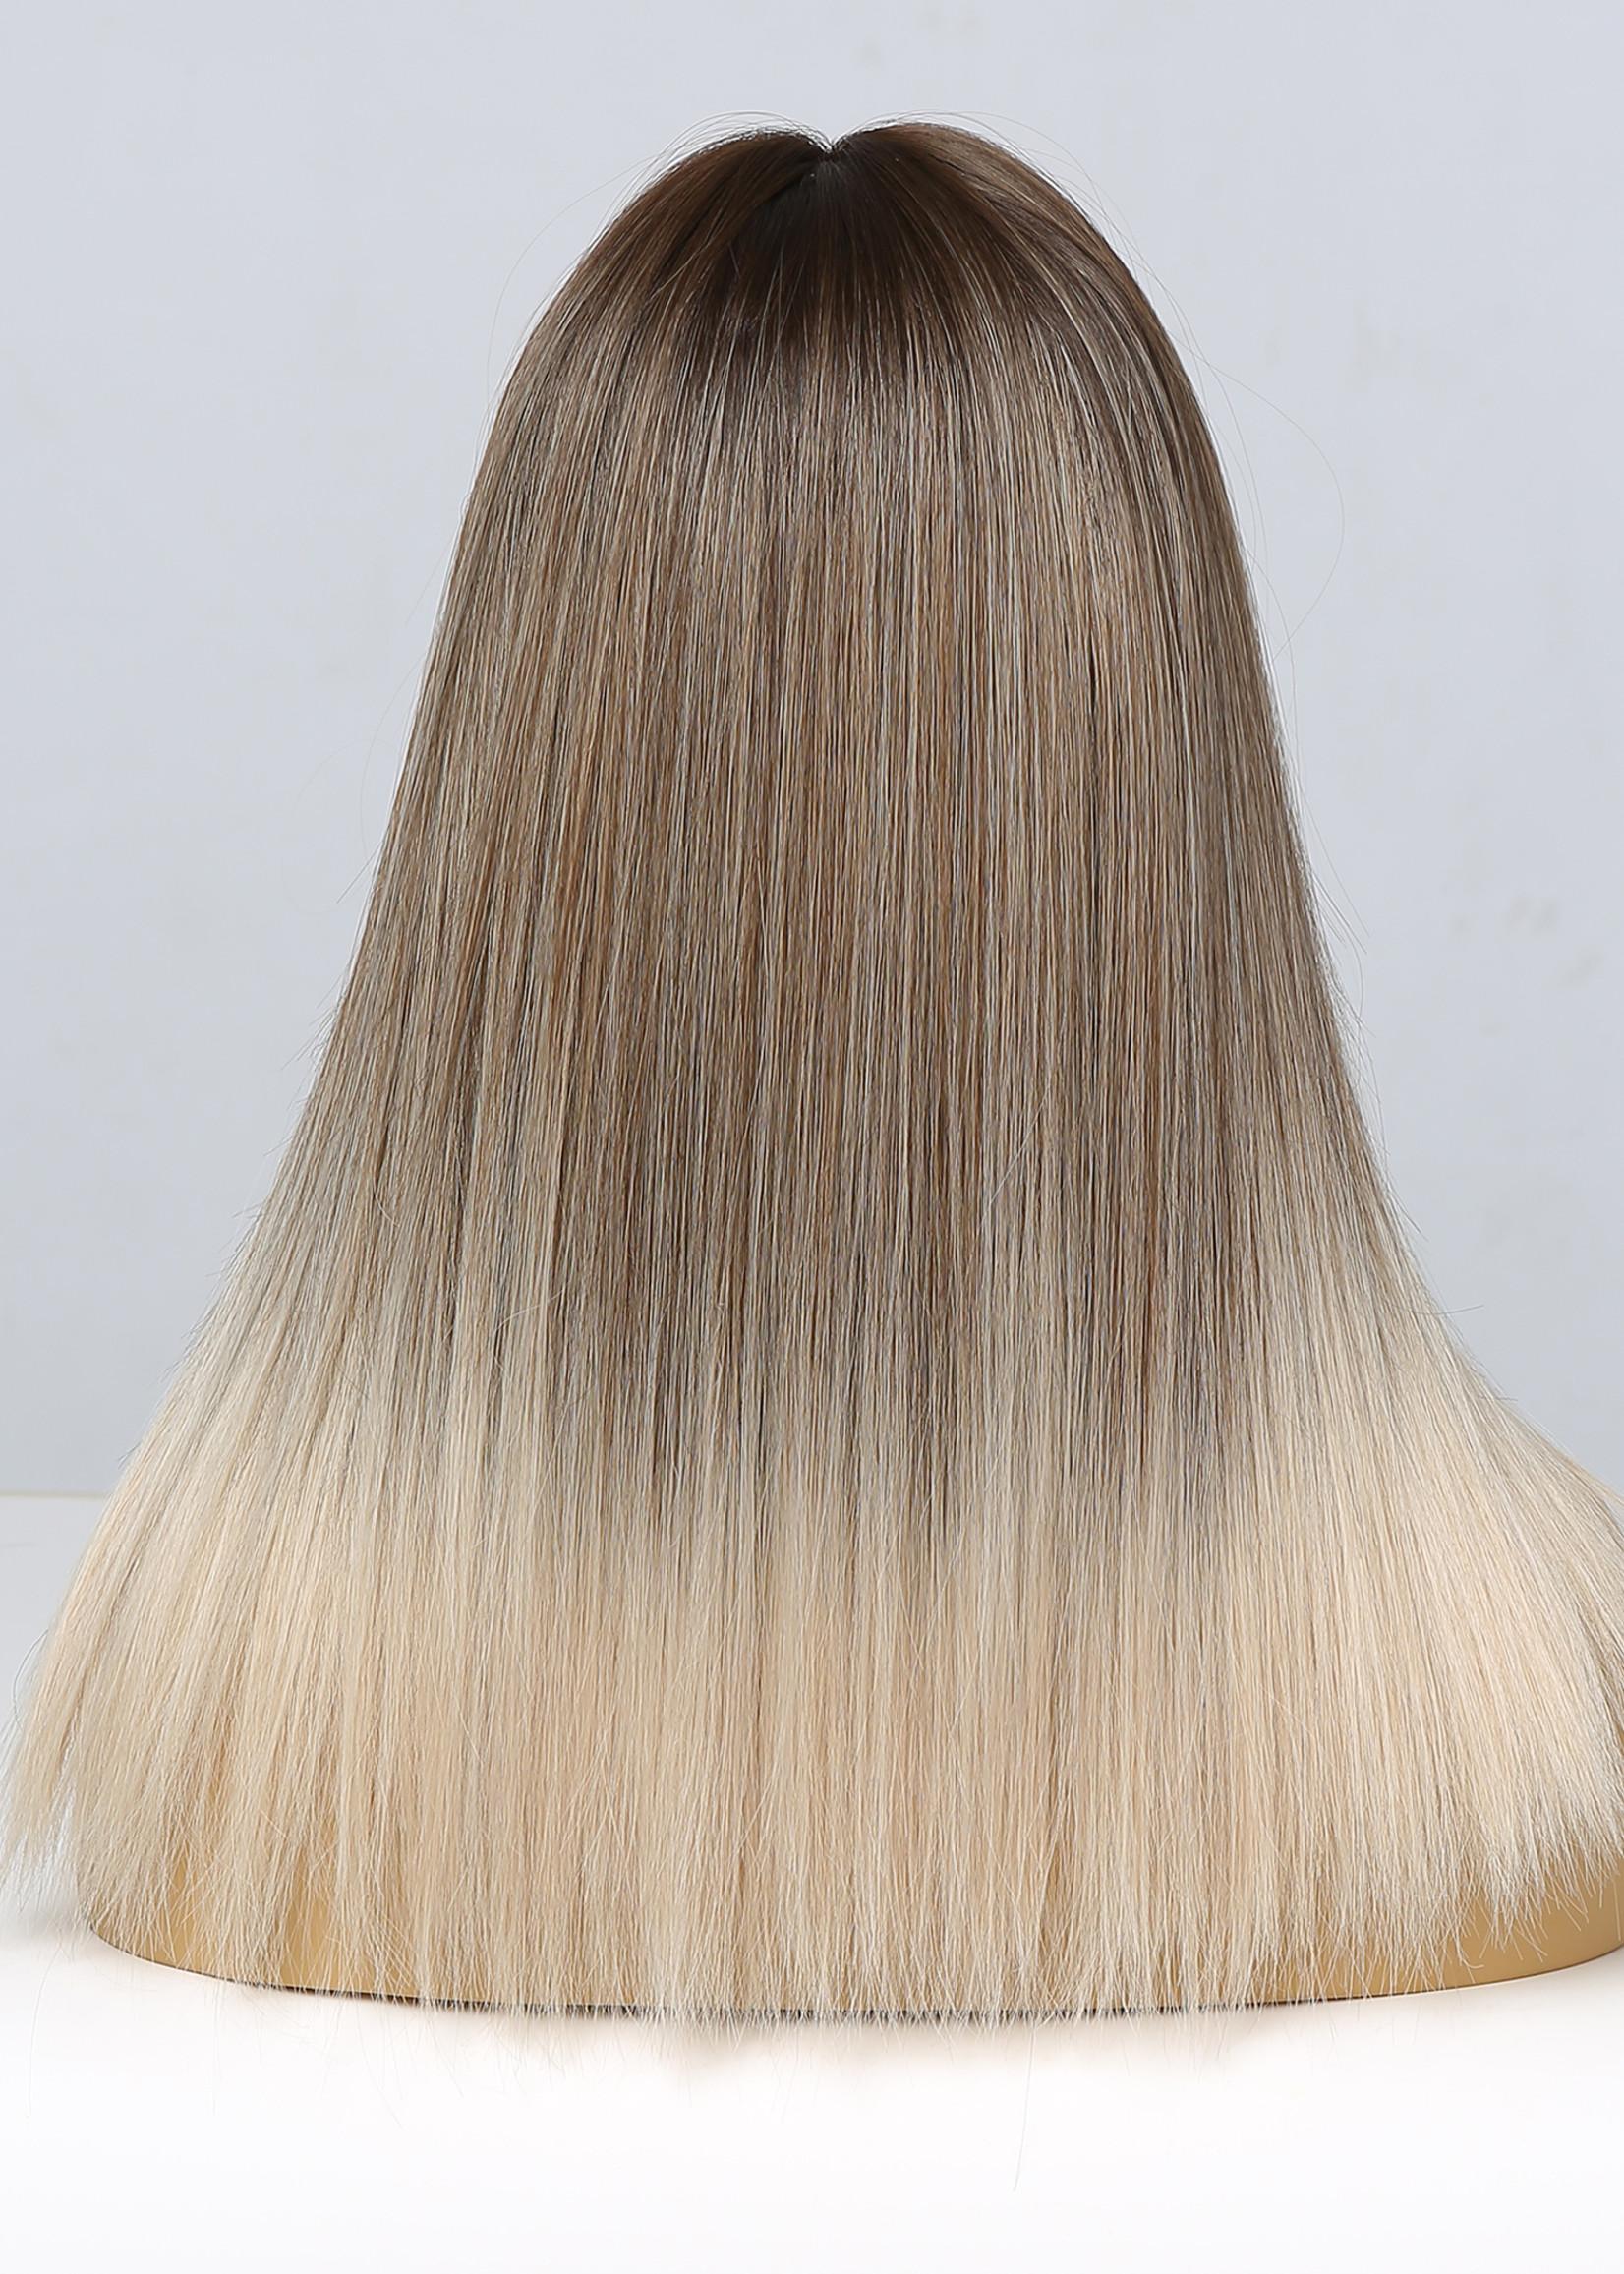 Synthetic Wig - Lola